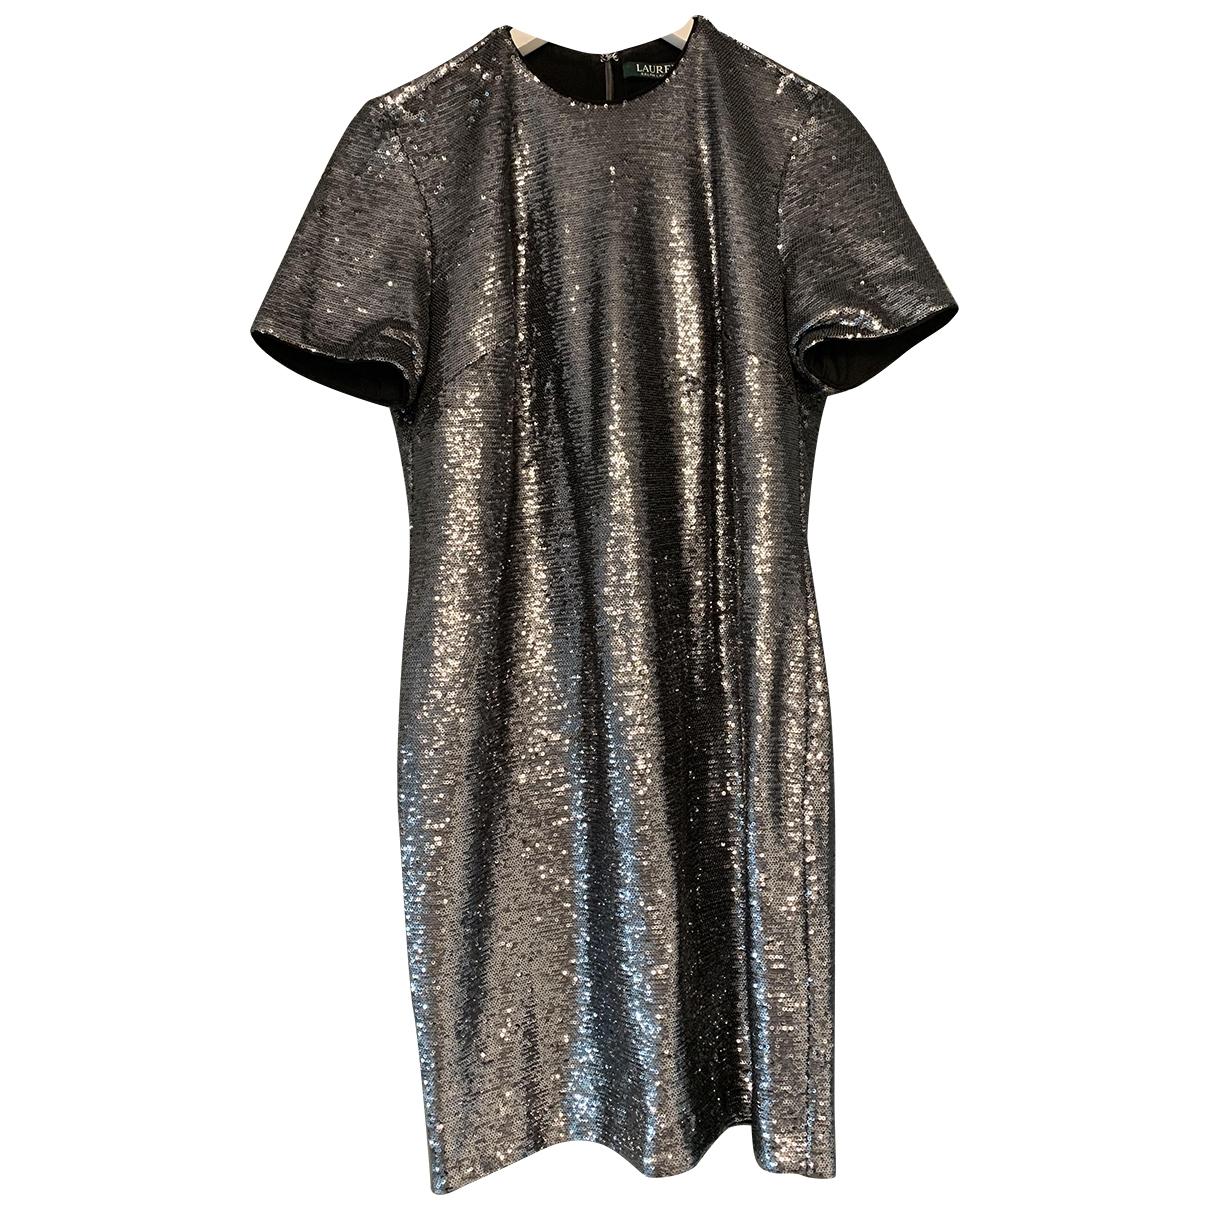 Lauren Ralph Lauren \N Kleid in  Metallic Mit Pailletten